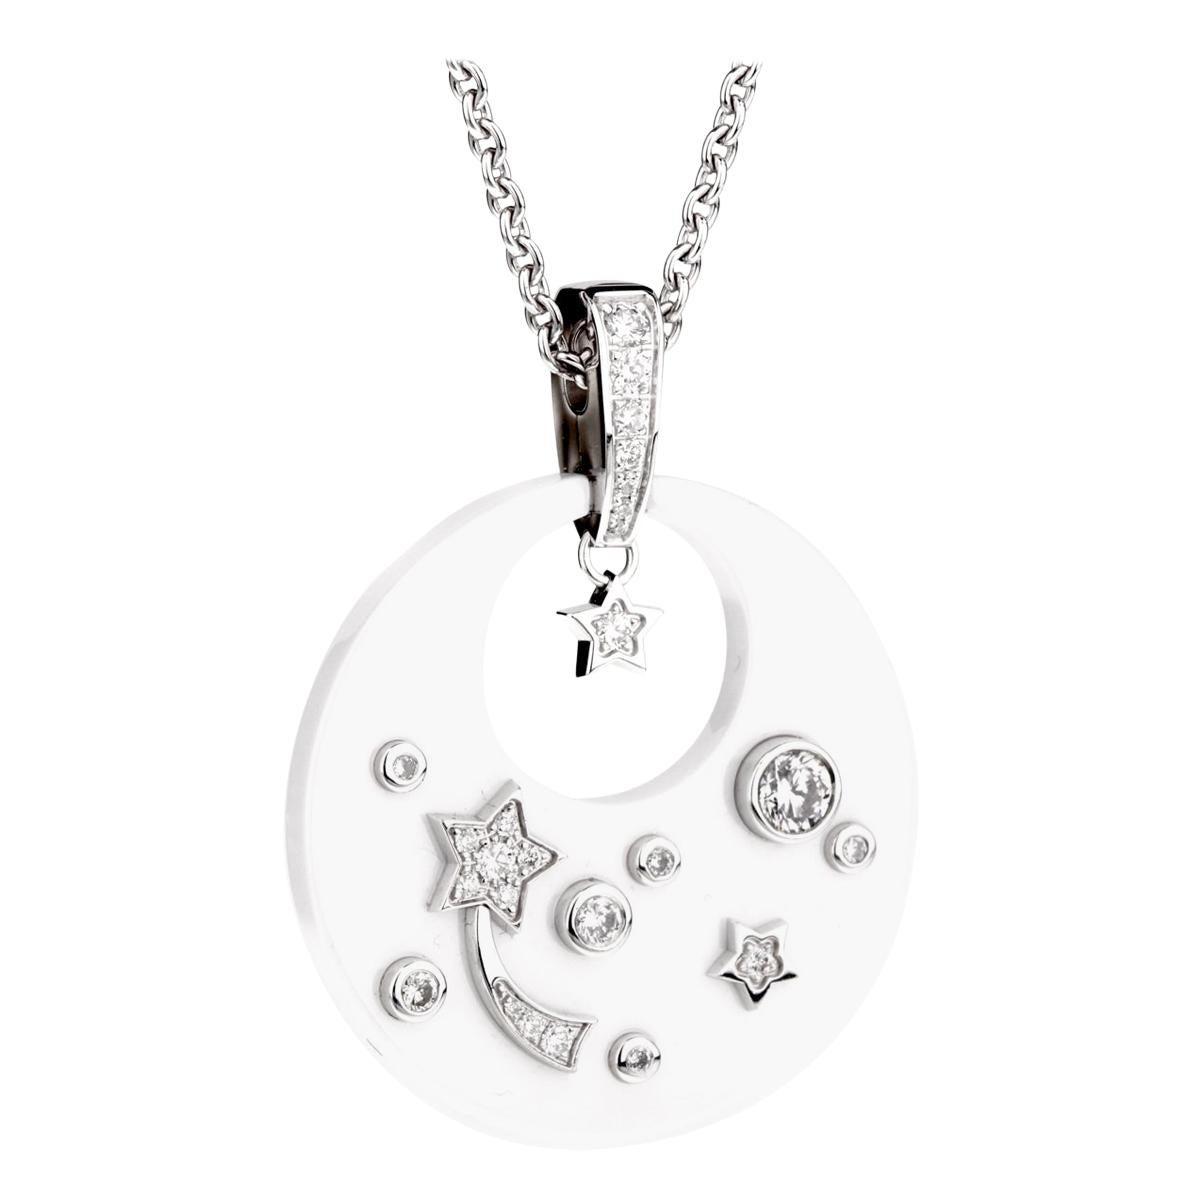 Chanel Comete Ceramic Diamond White Gold Necklace